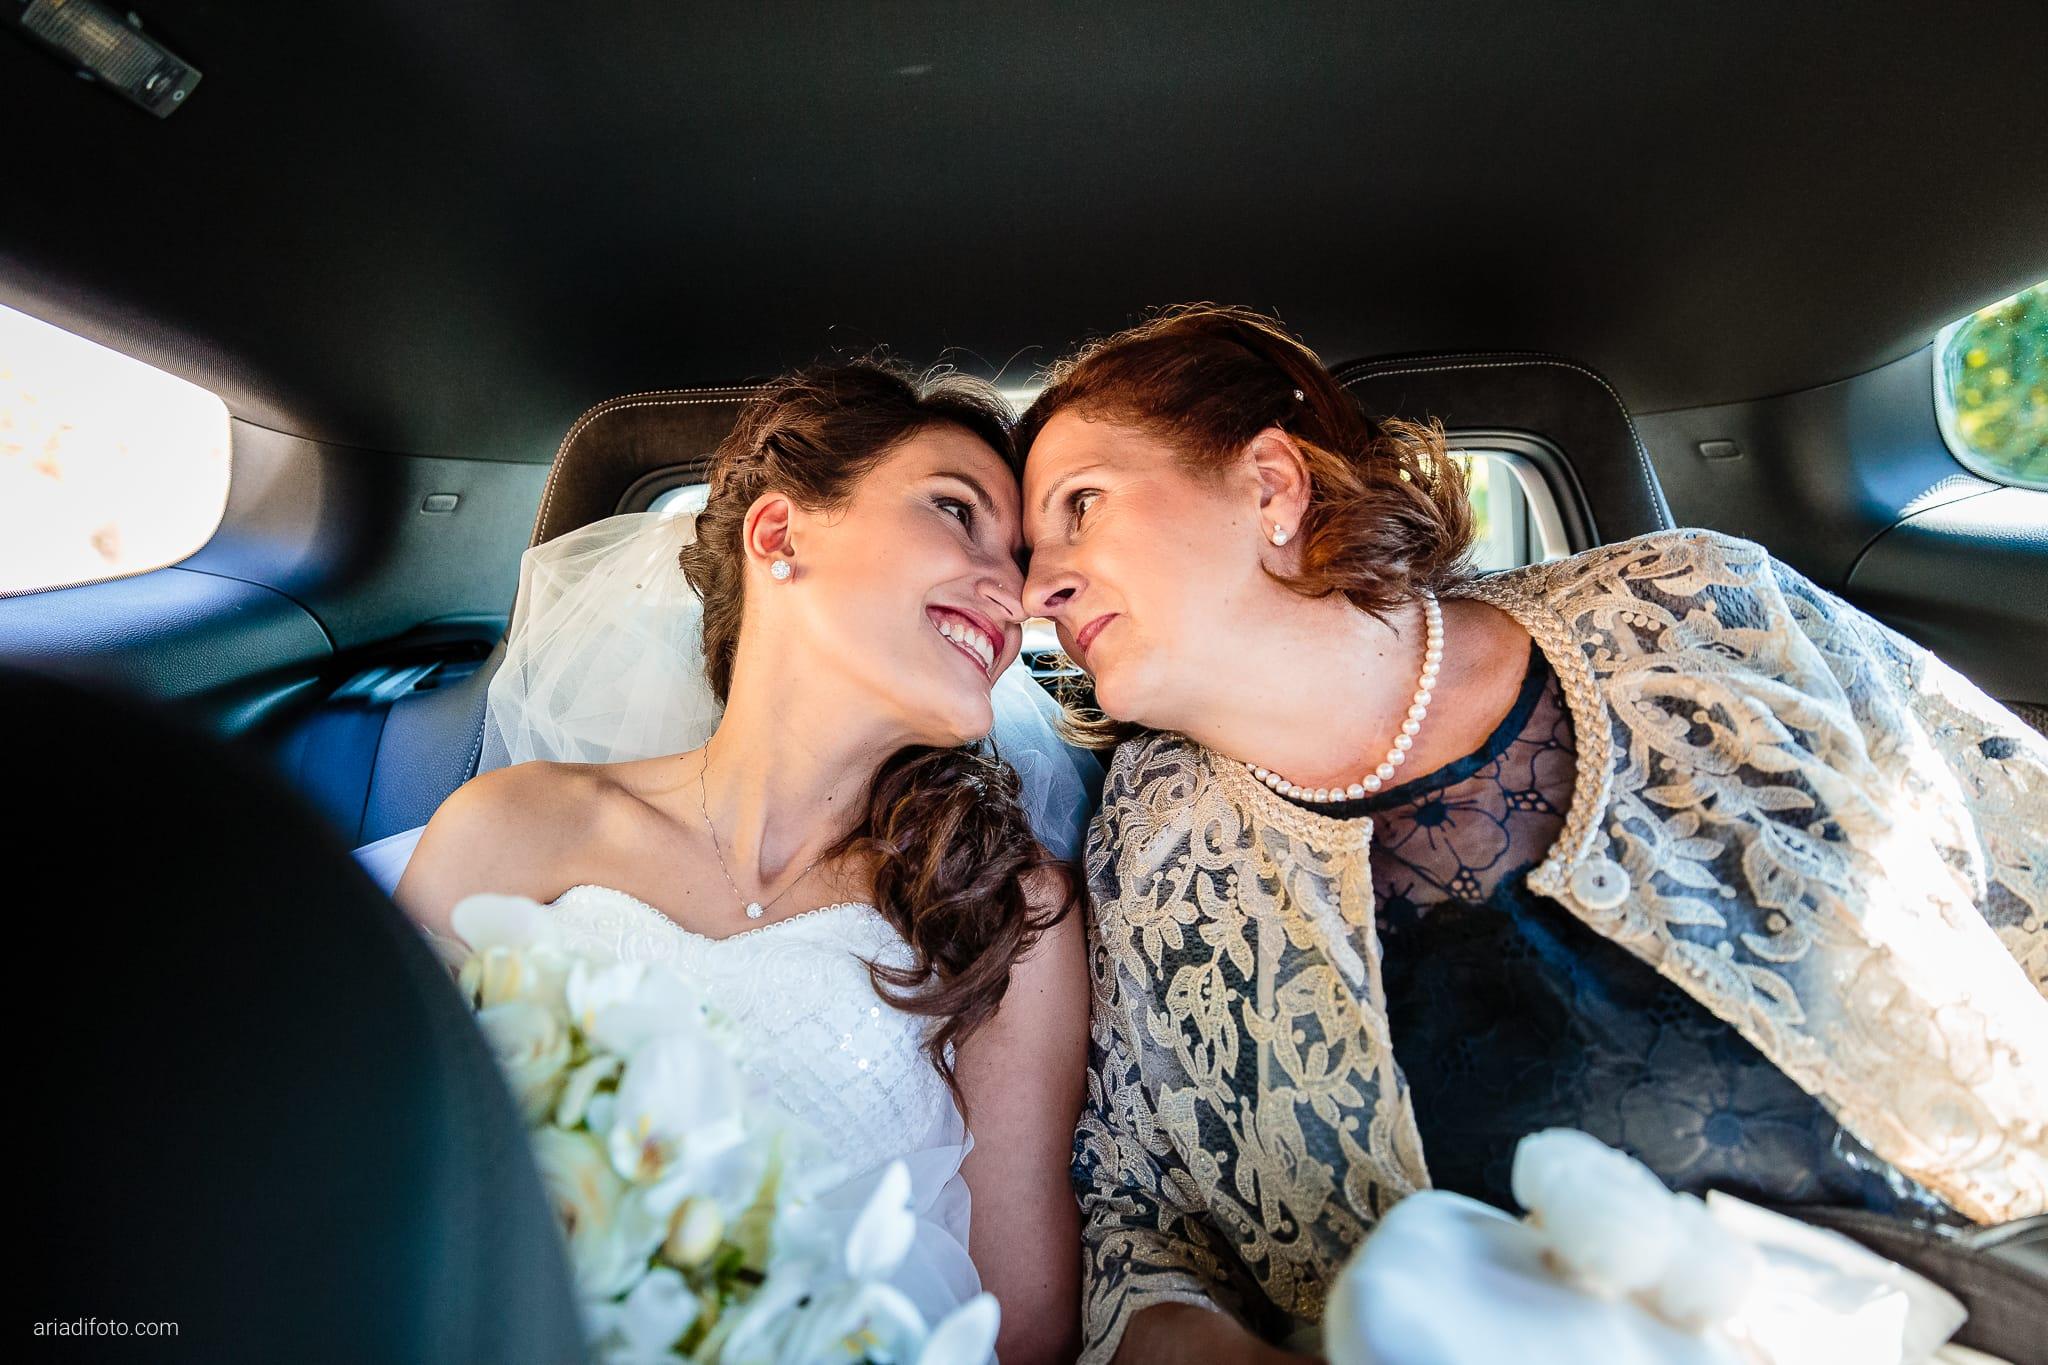 Mariarita Matteo Matrimonio Trieste Villa Attems Cernozza Postcastro Lucinico Gorizia momenti auto mamma